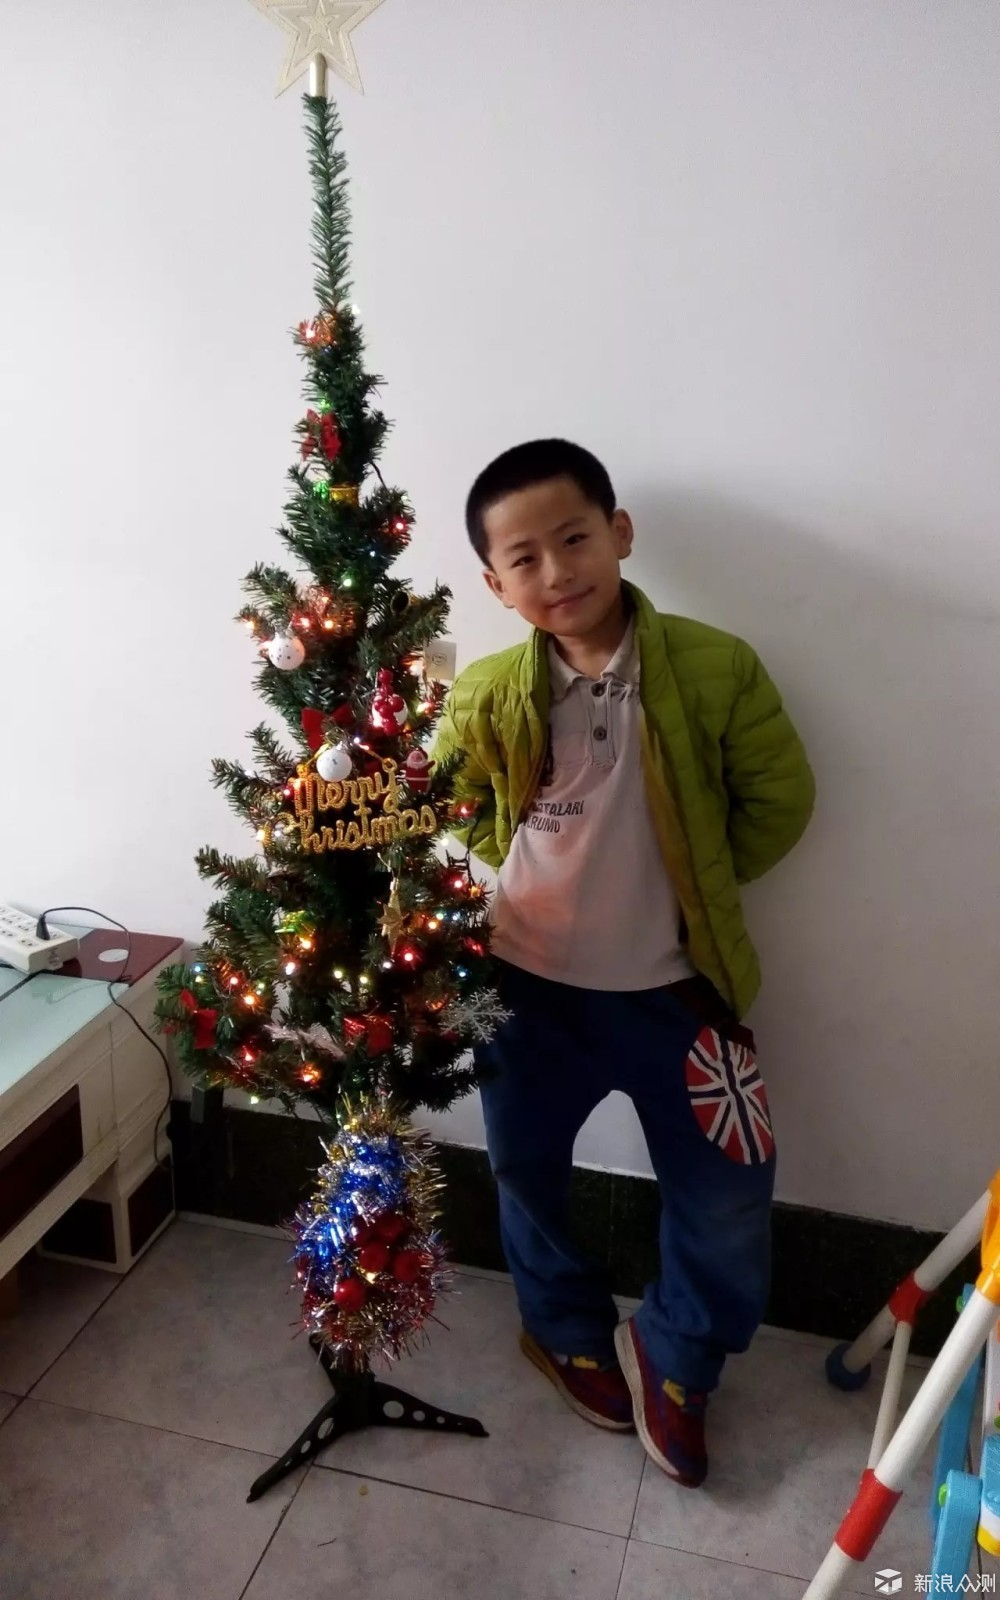 一棵圣诞树就是孩子的圣诞节_新浪众测